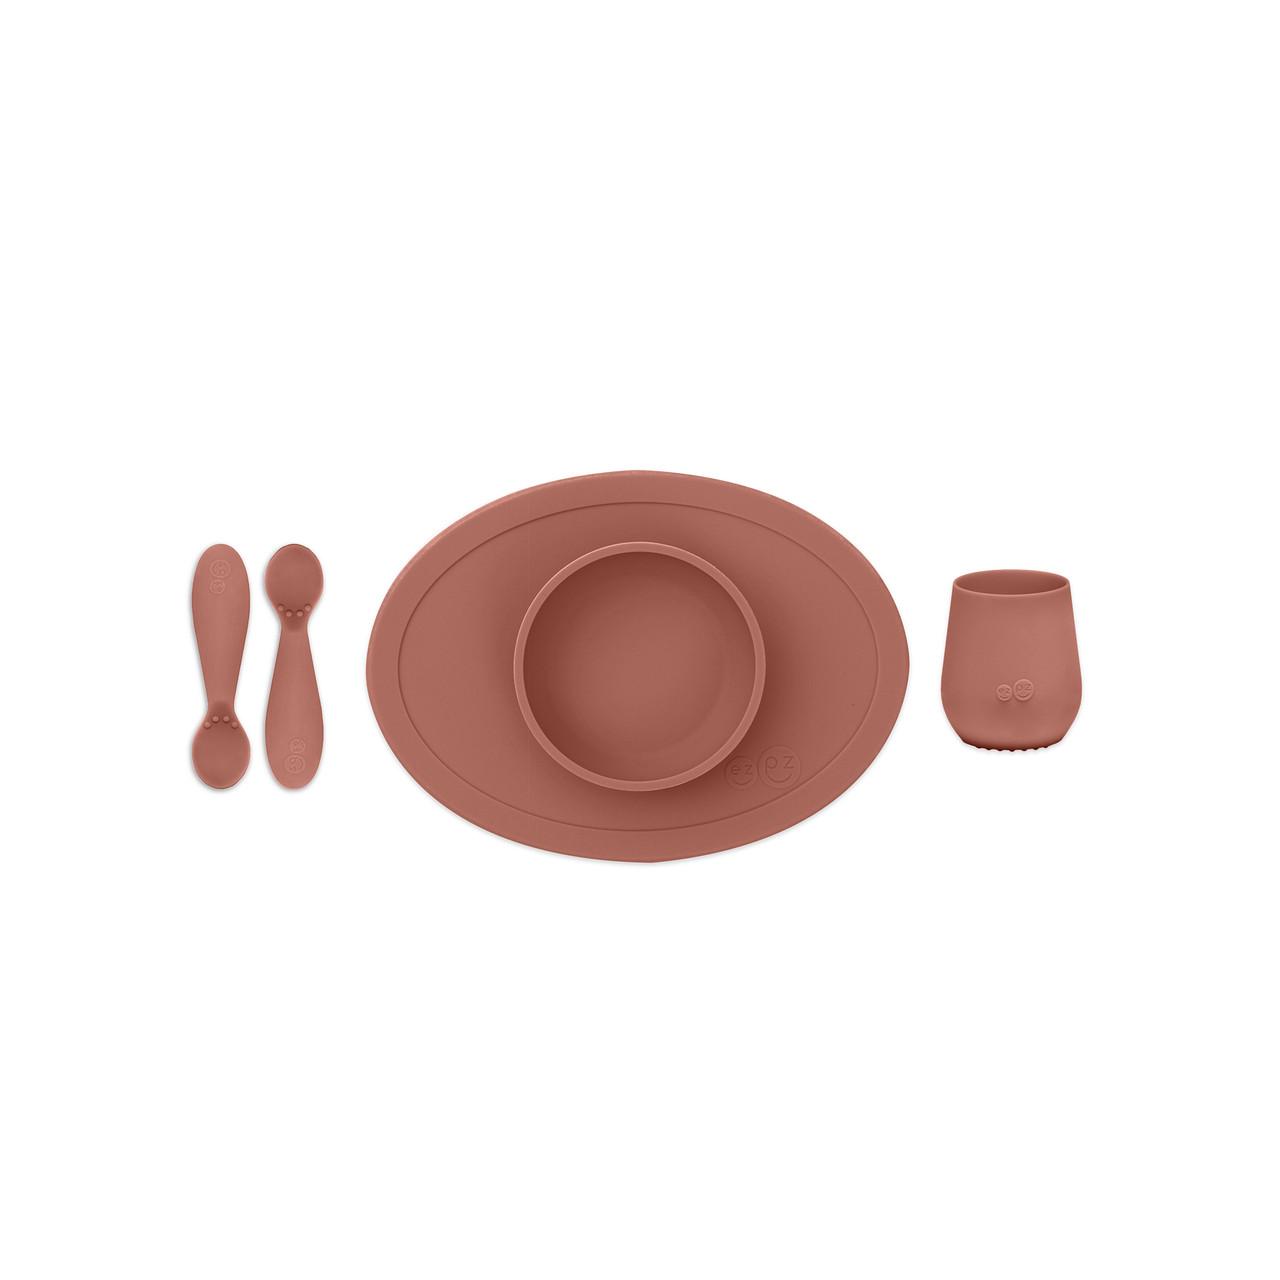 Первый набор посуды терракотовый (4 ед. в наборе)